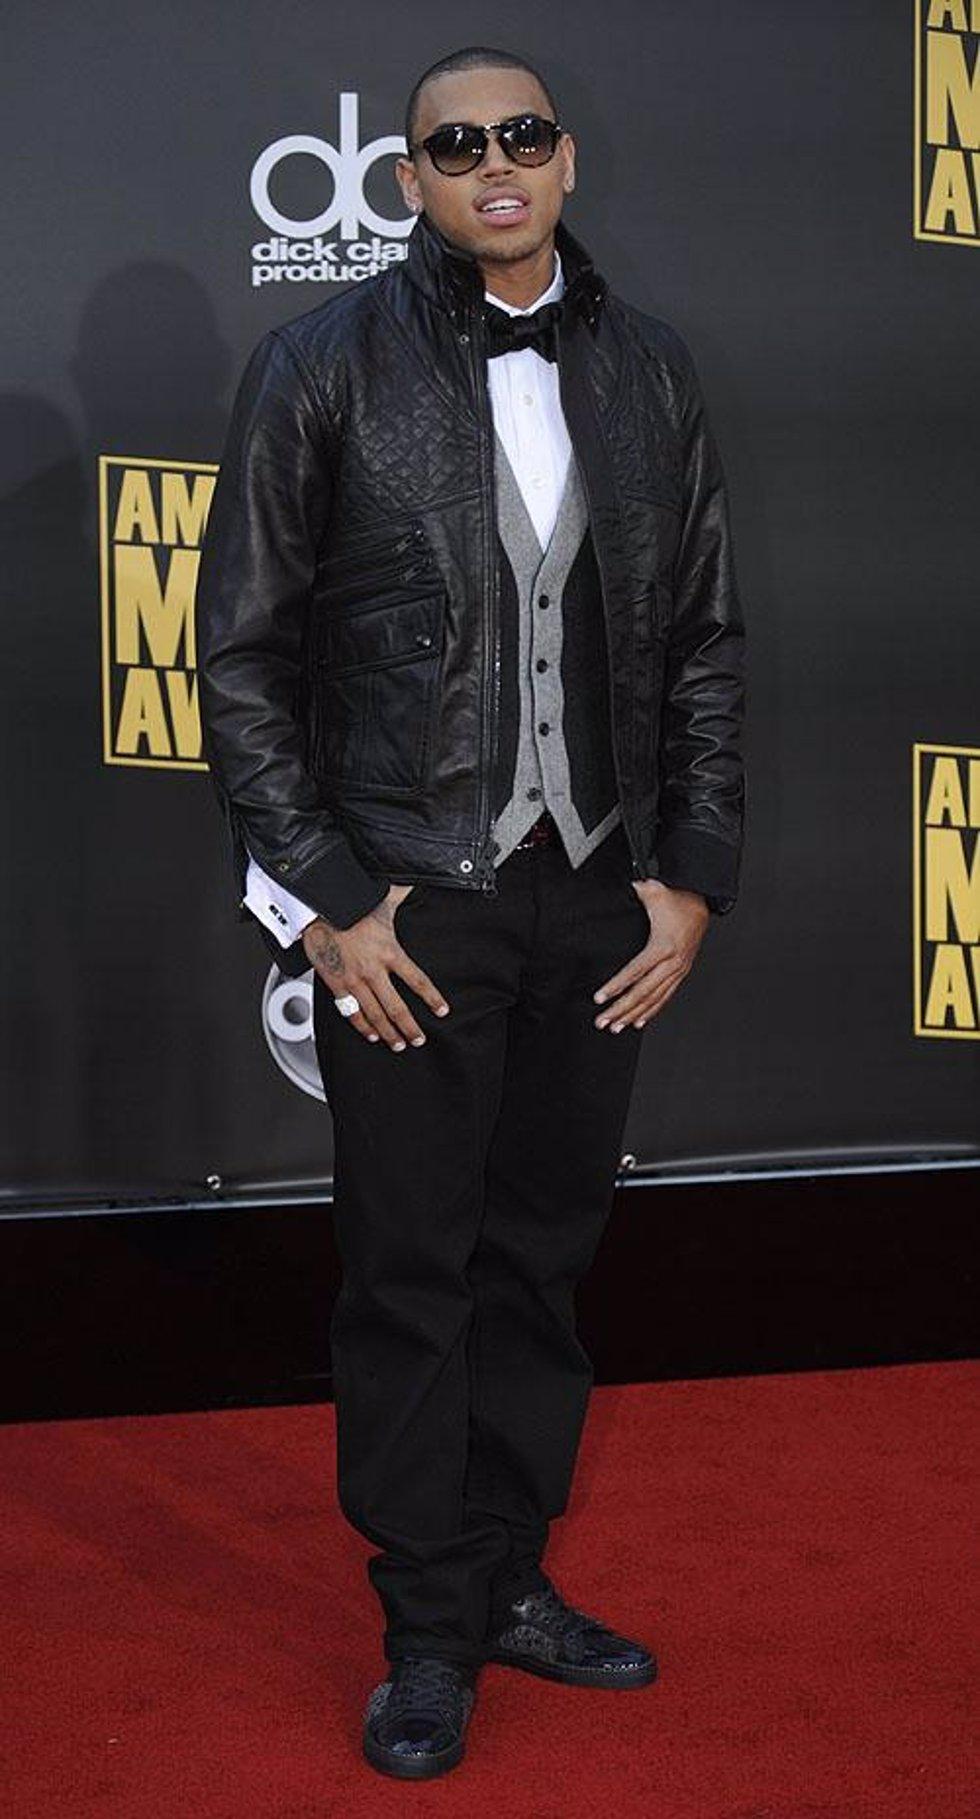 El rapero Chris Brown